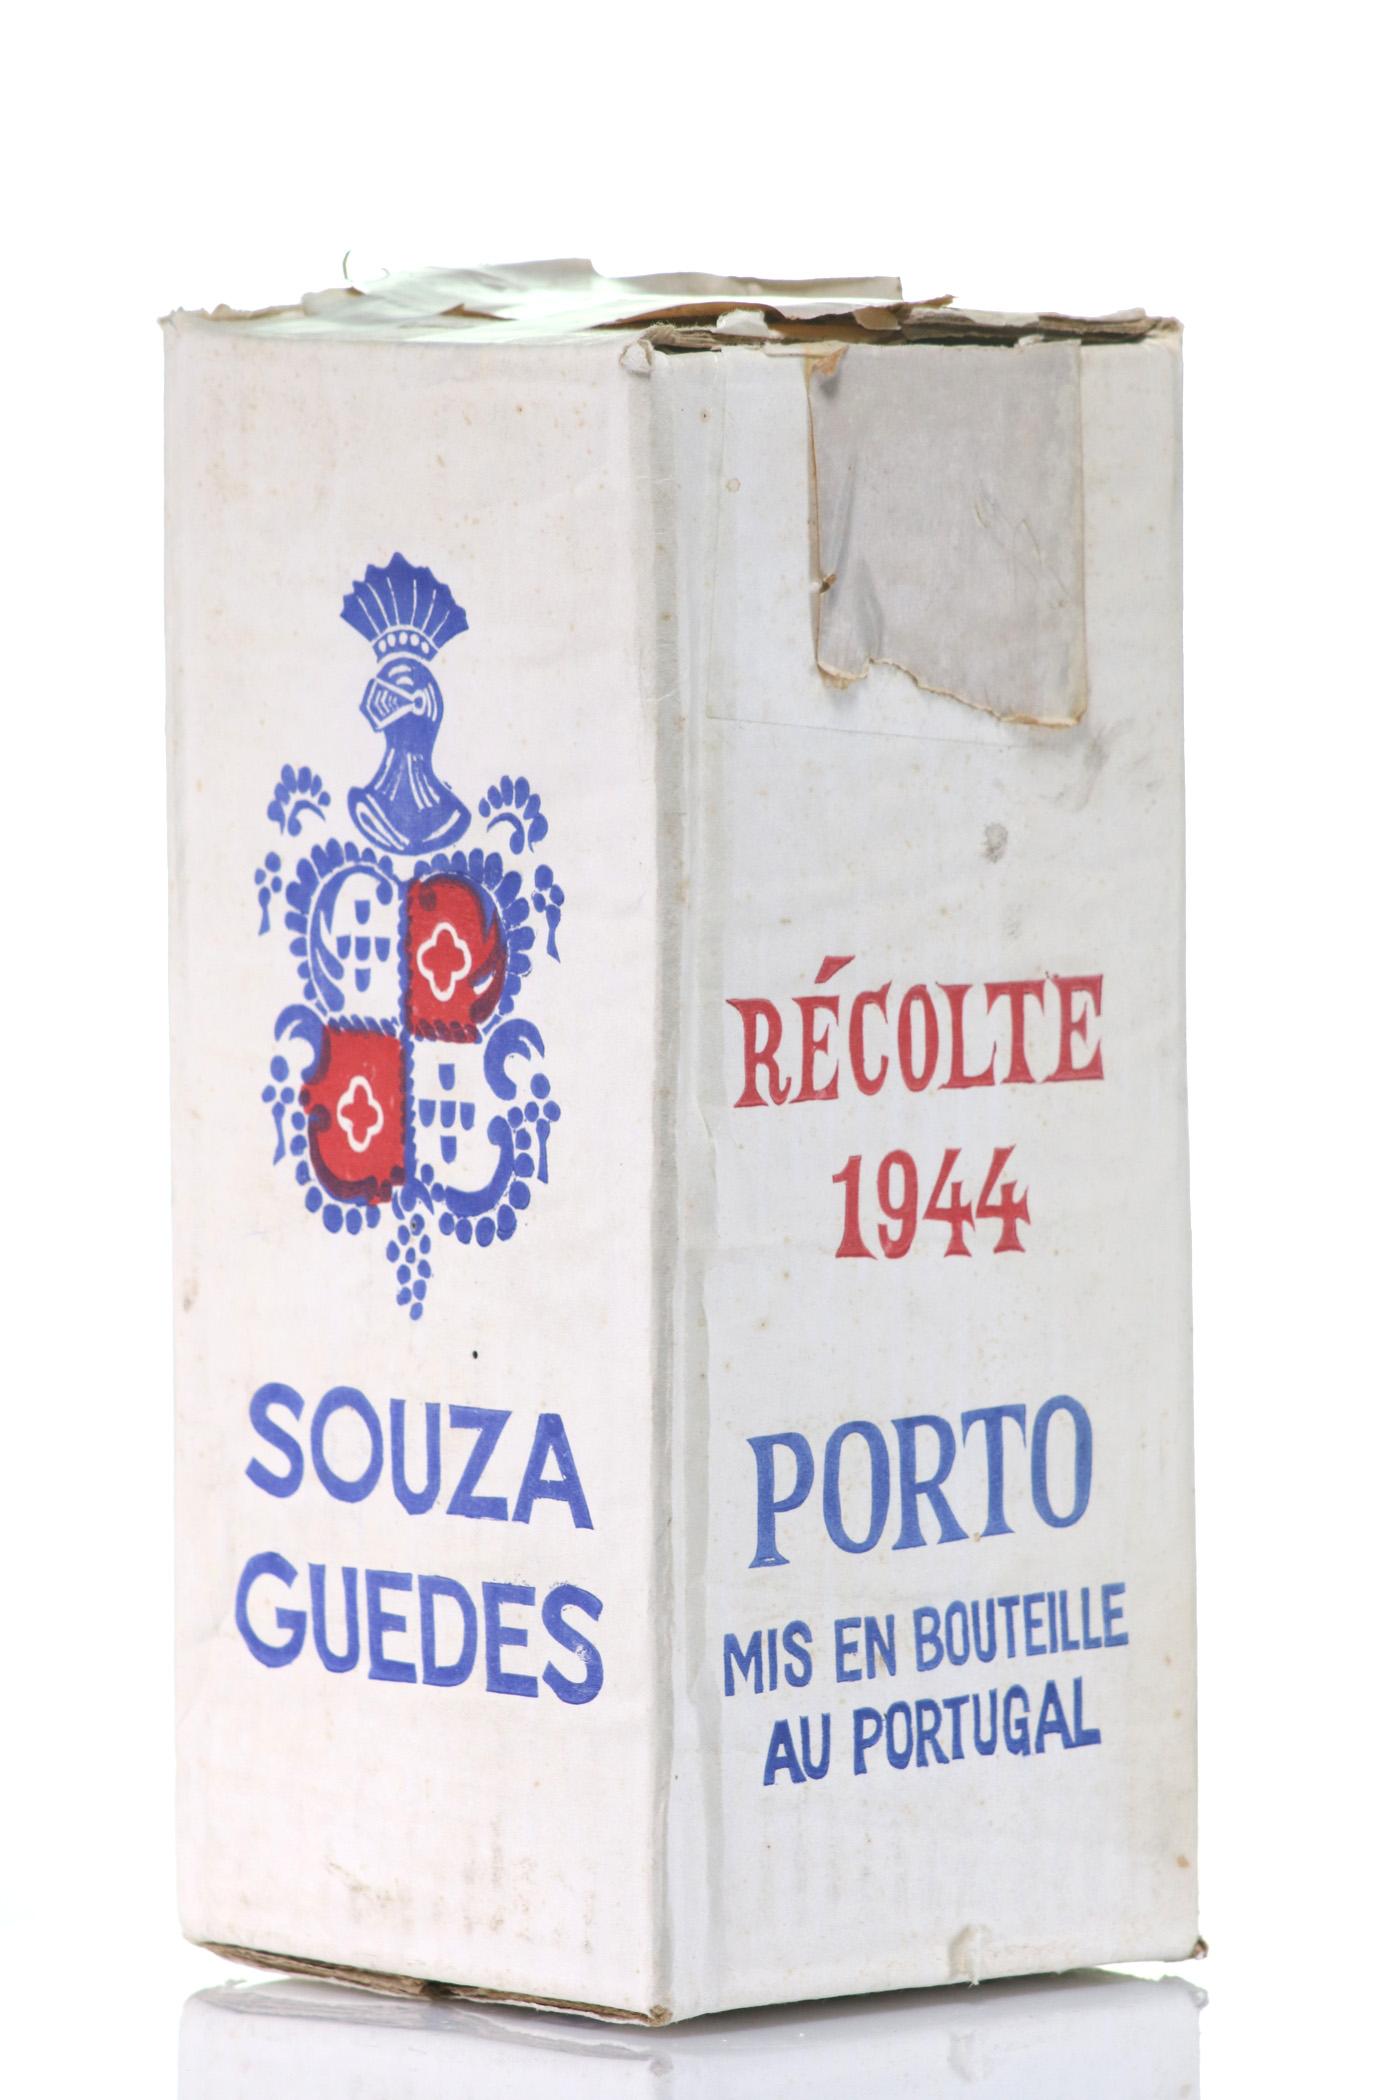 Port 1944 Souza Guedes